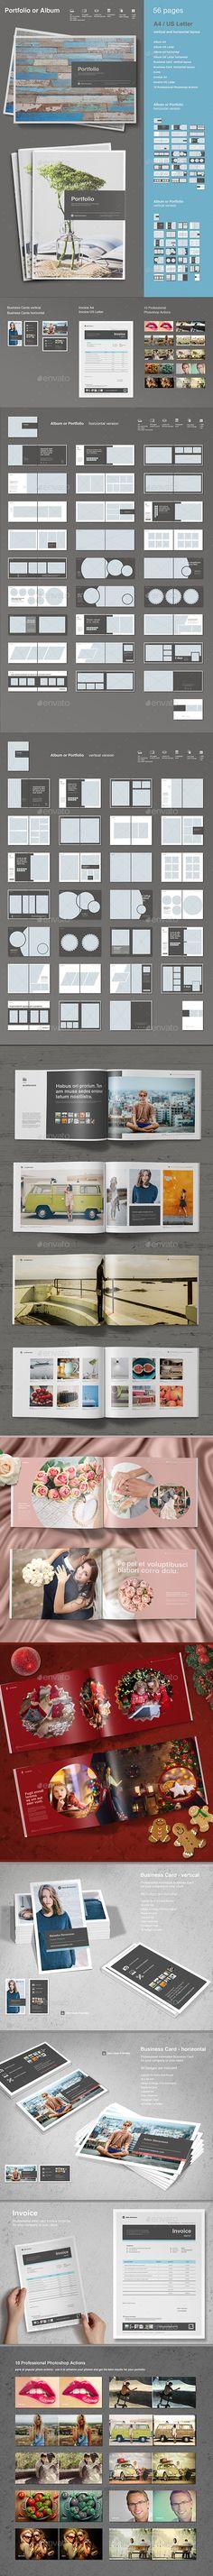 Portfolio or Album — InDesign INDD #corporate #portfolio template • Download ➝ https://graphicriver.net/item/portfolio-or-album/19411874?ref=pxcr